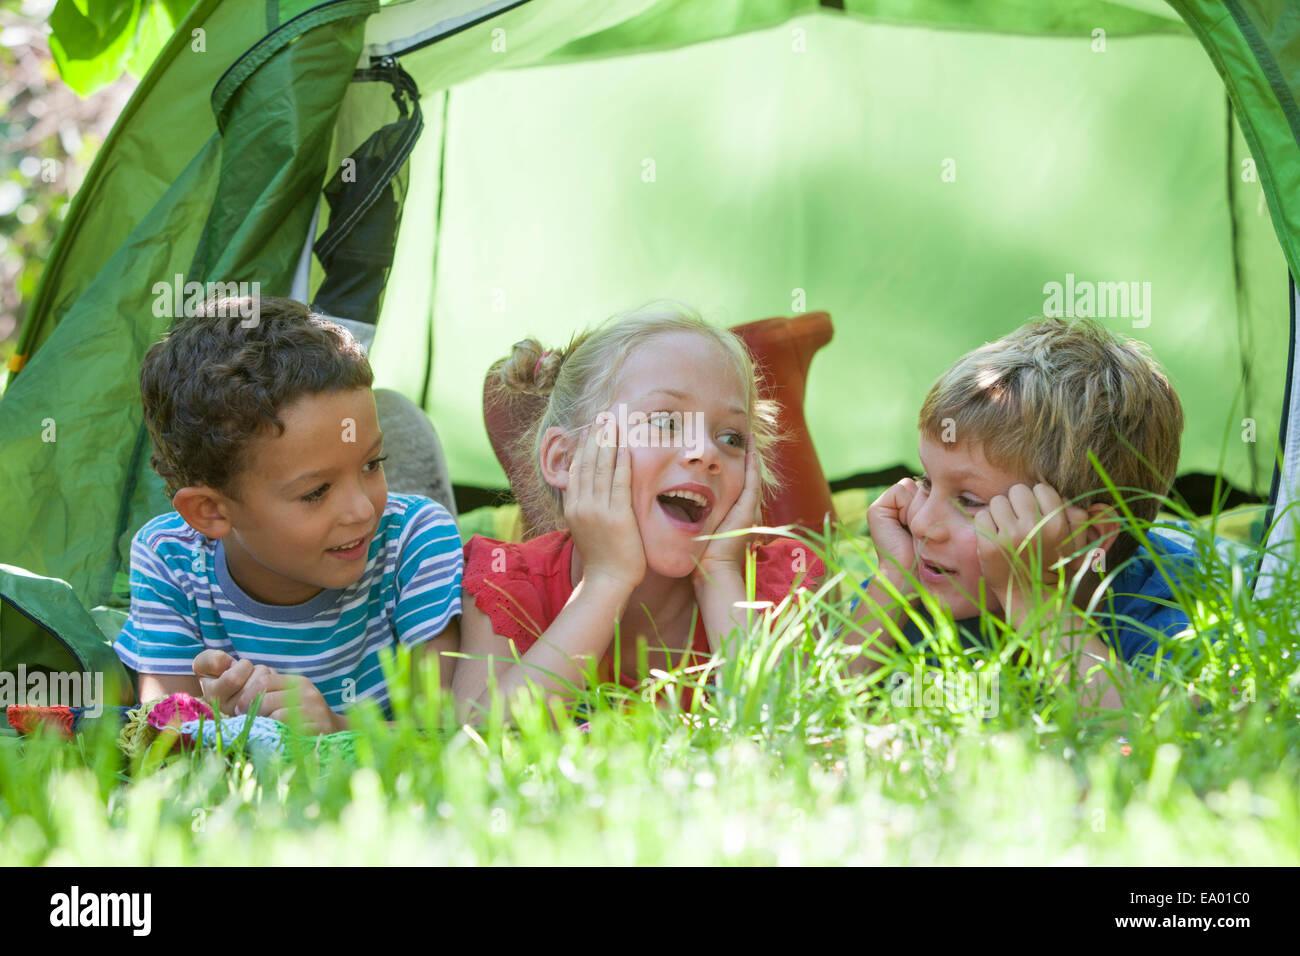 Tres niños acostado charlando en el jardín de su tienda Imagen De Stock